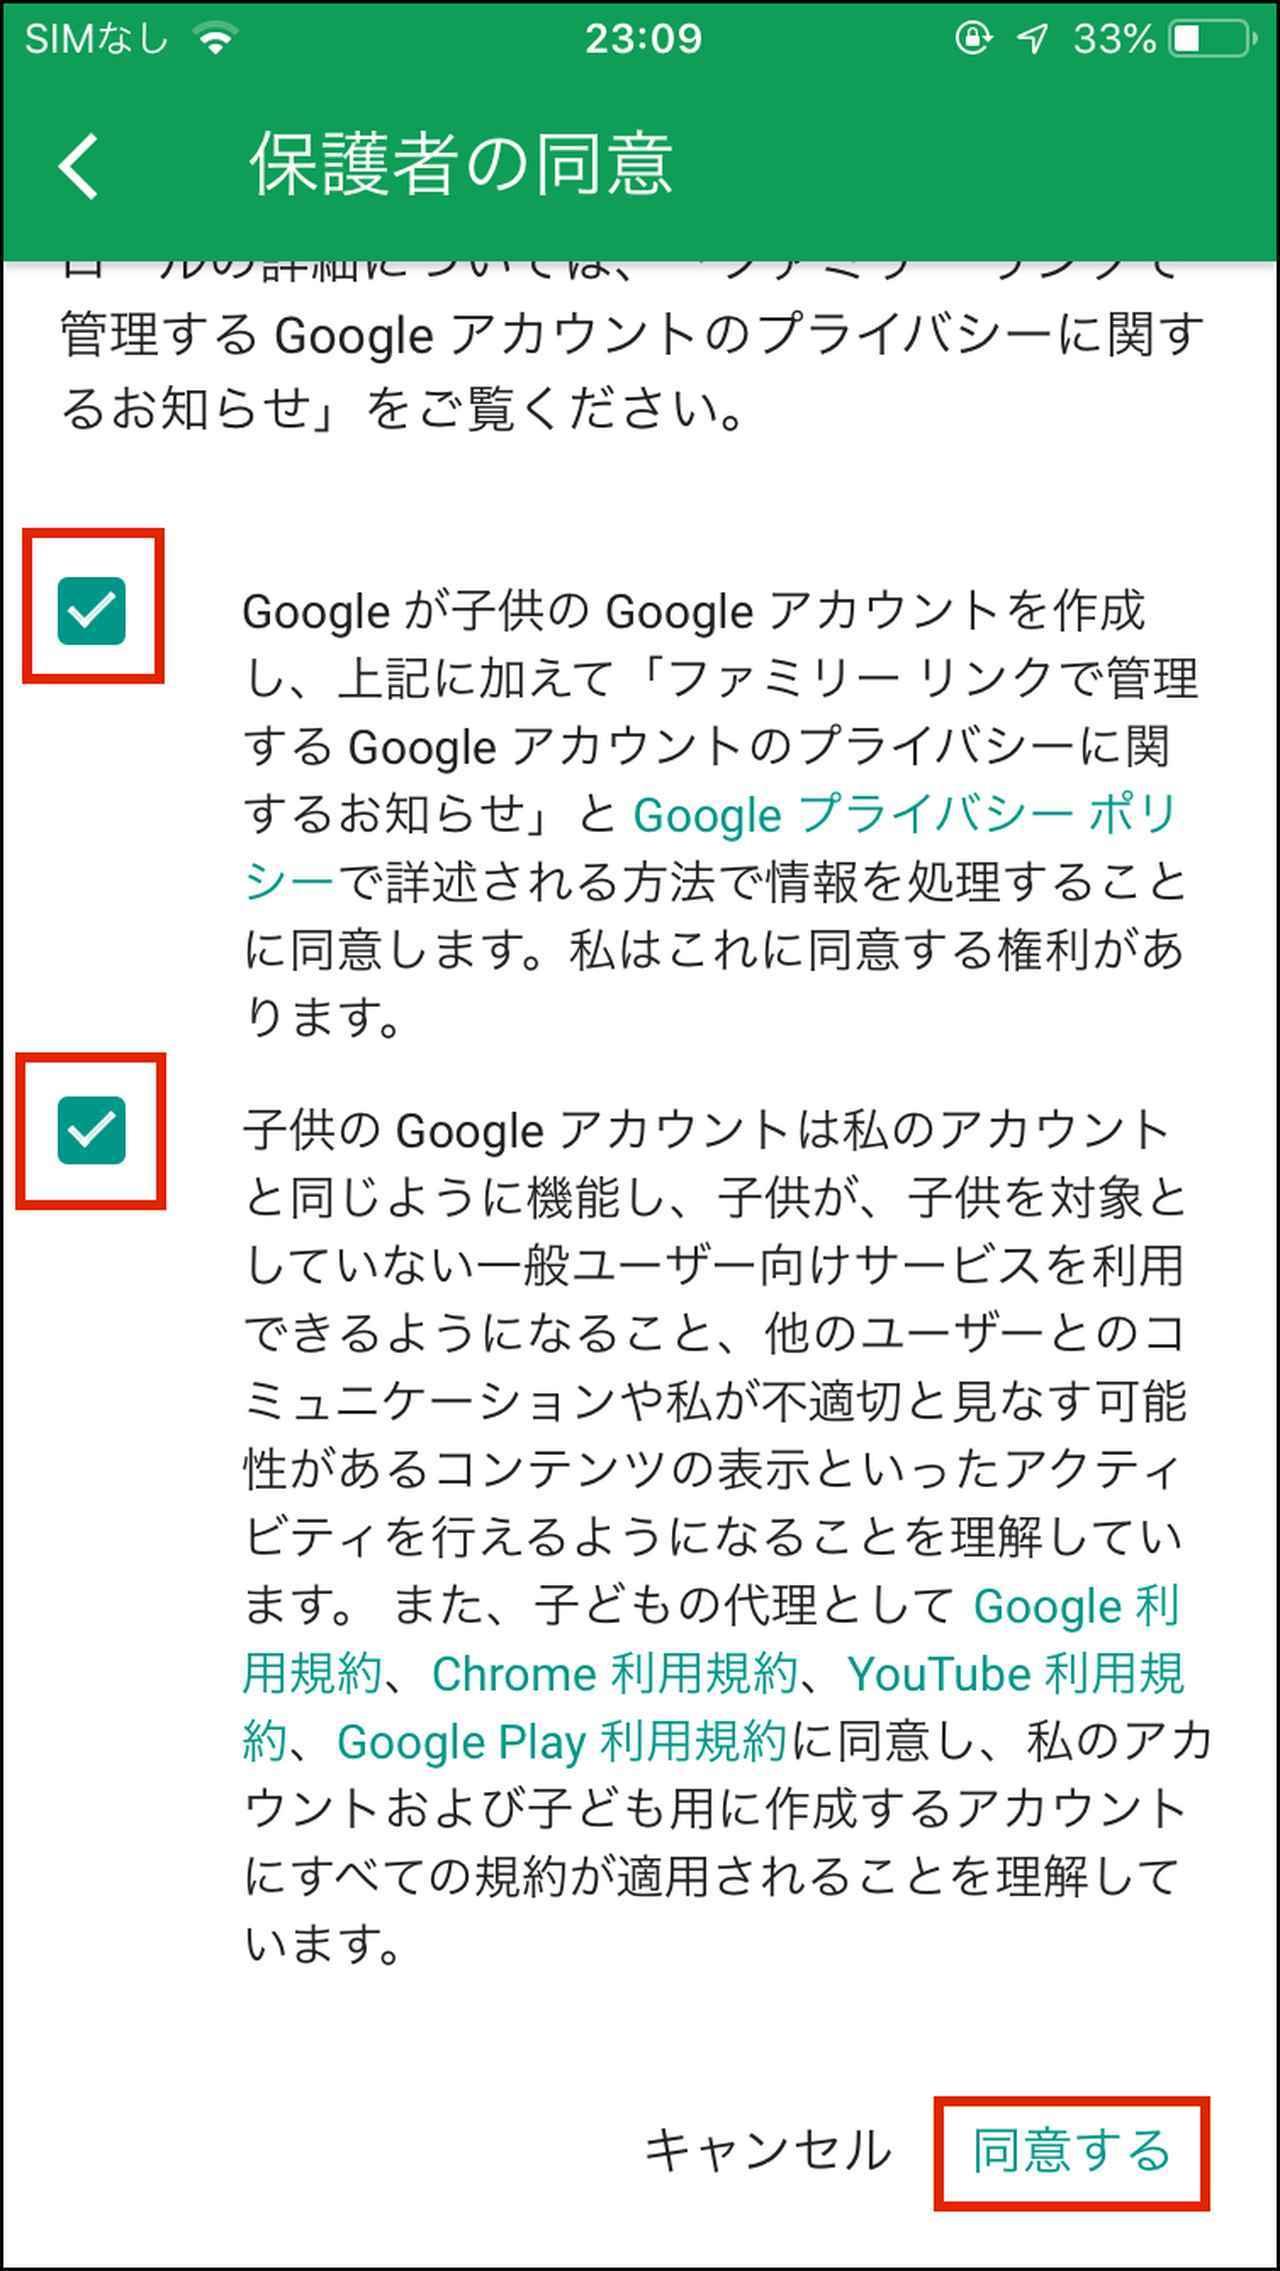 画像13: 親のスマホに「Googleファミリーリンク」を導入する